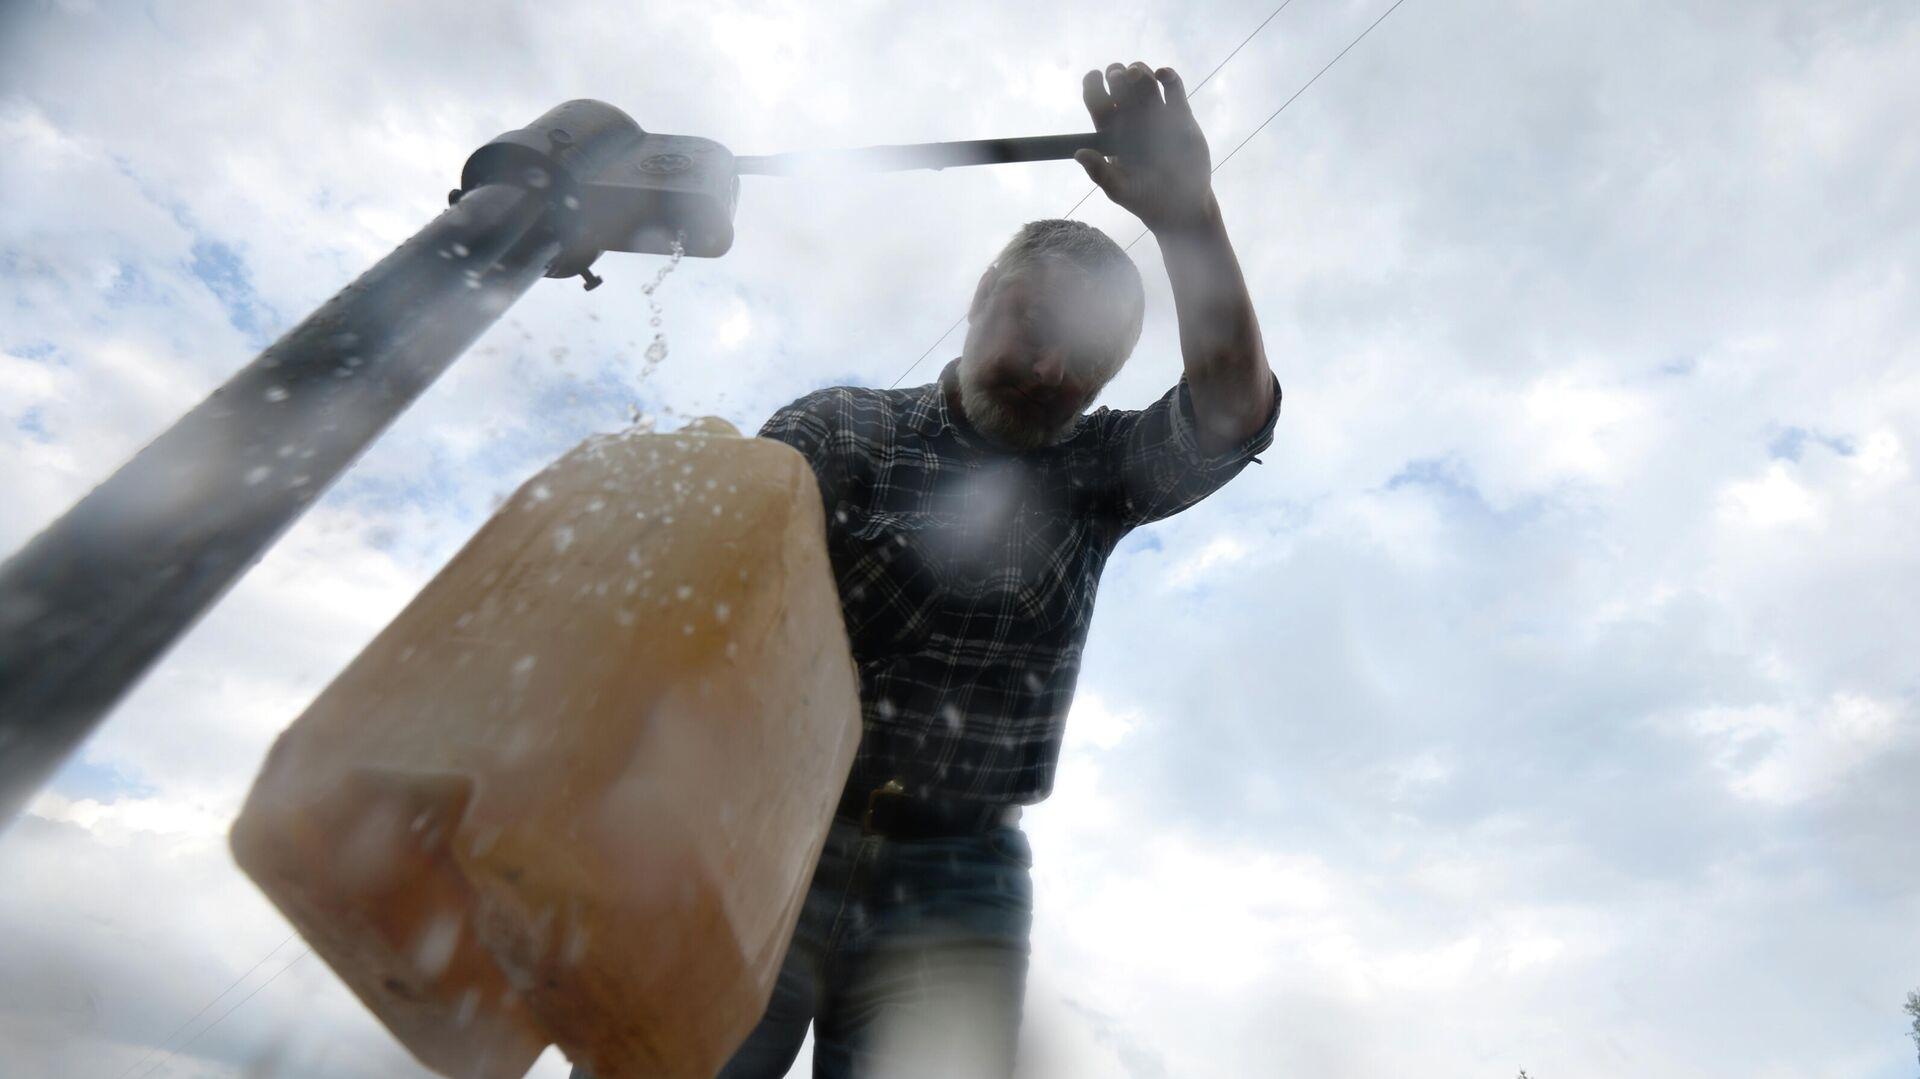 Мужчина набирает воду из колонки - РИА Новости, 1920, 23.03.2021